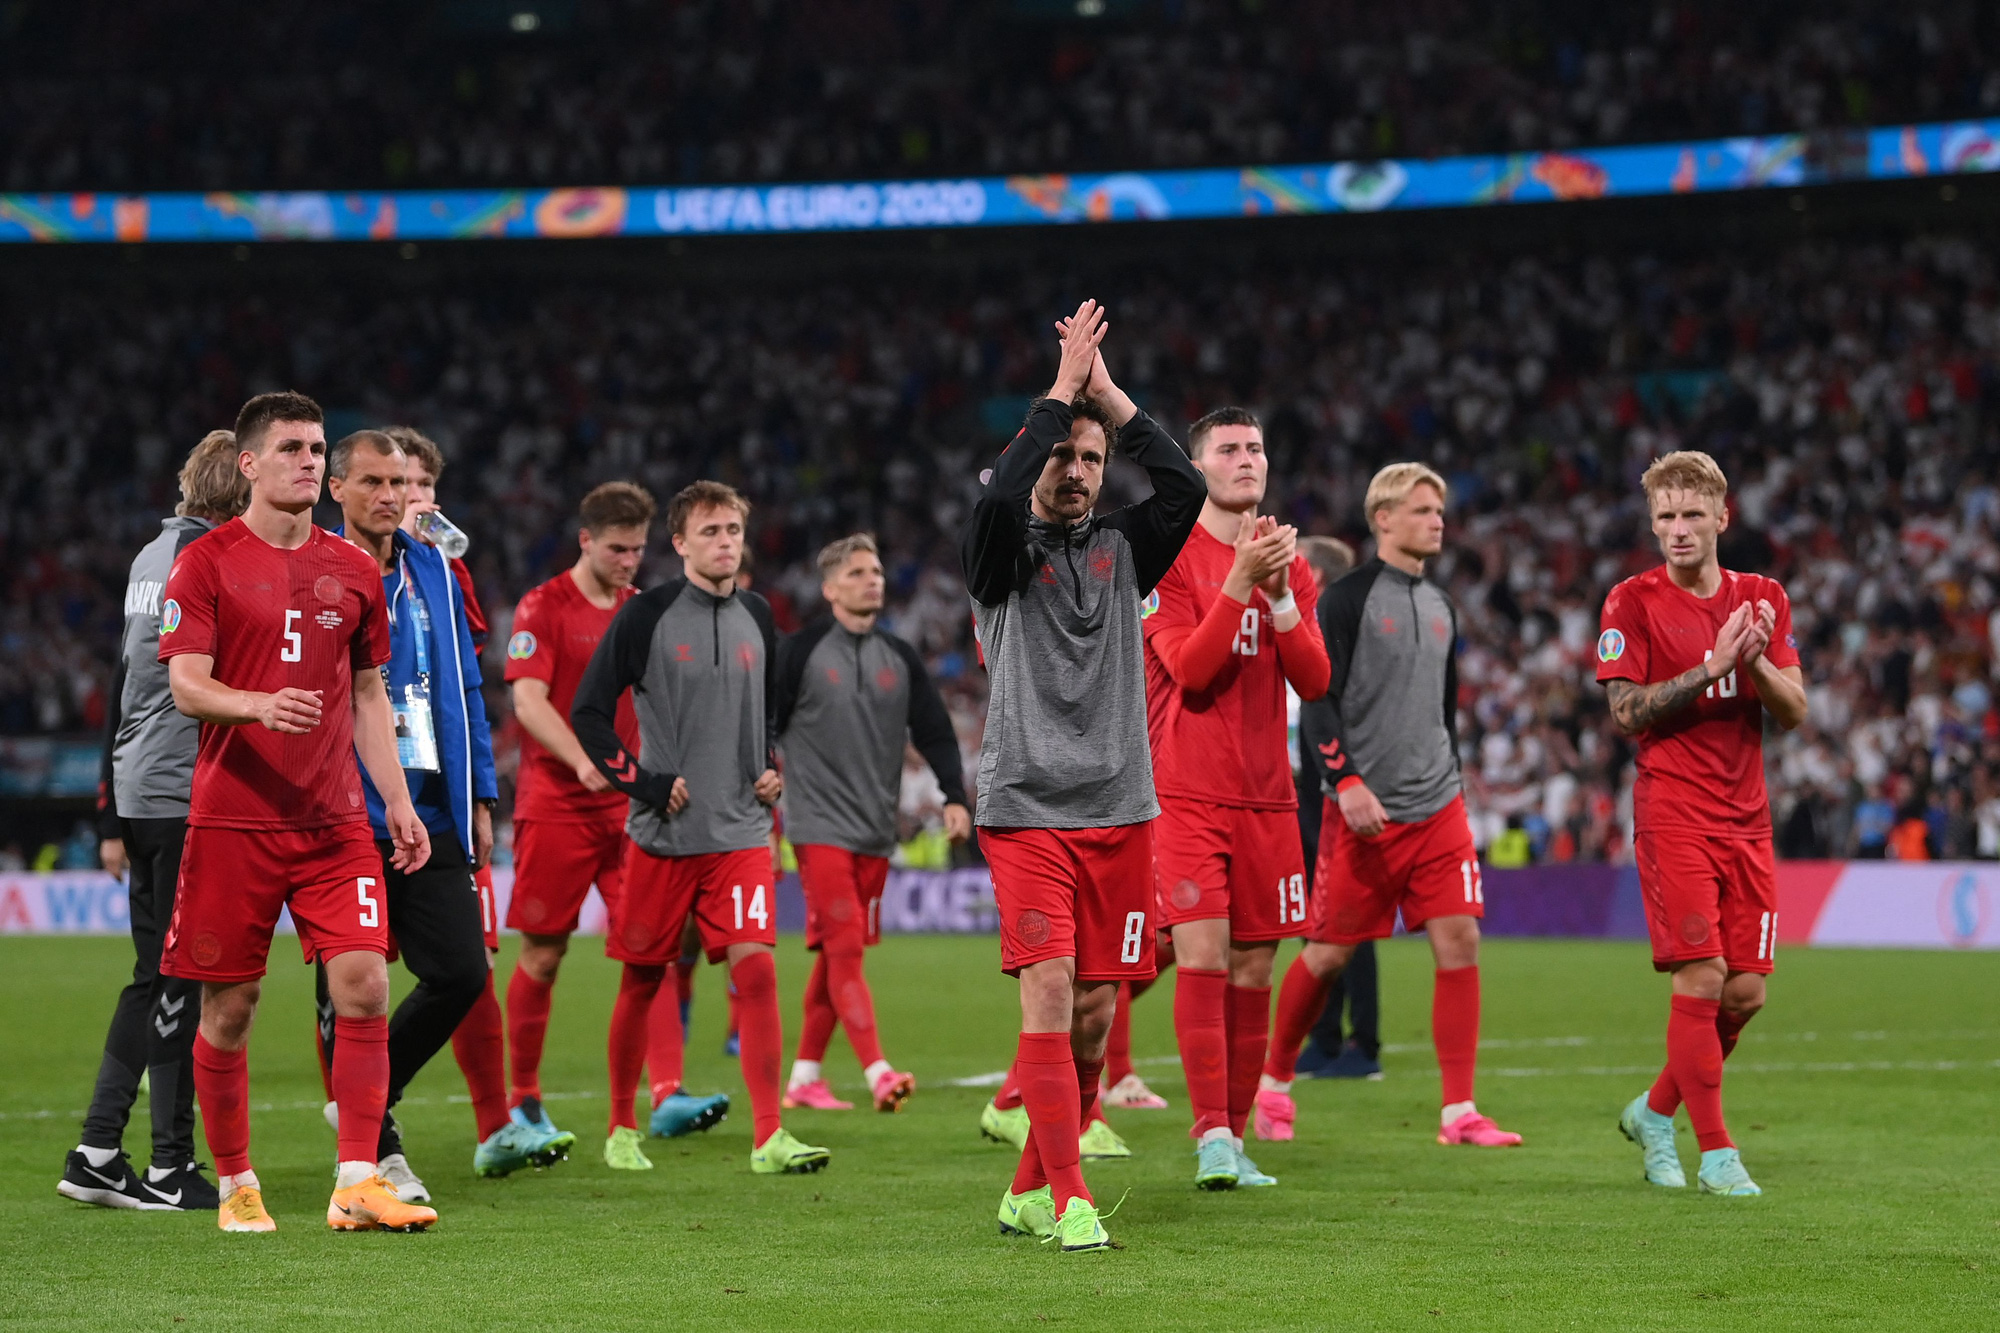 Cám ơn, Đan Mạch vì câu chuyện cổ tích thật đẹp tại Euro 2020 - Ảnh 5.